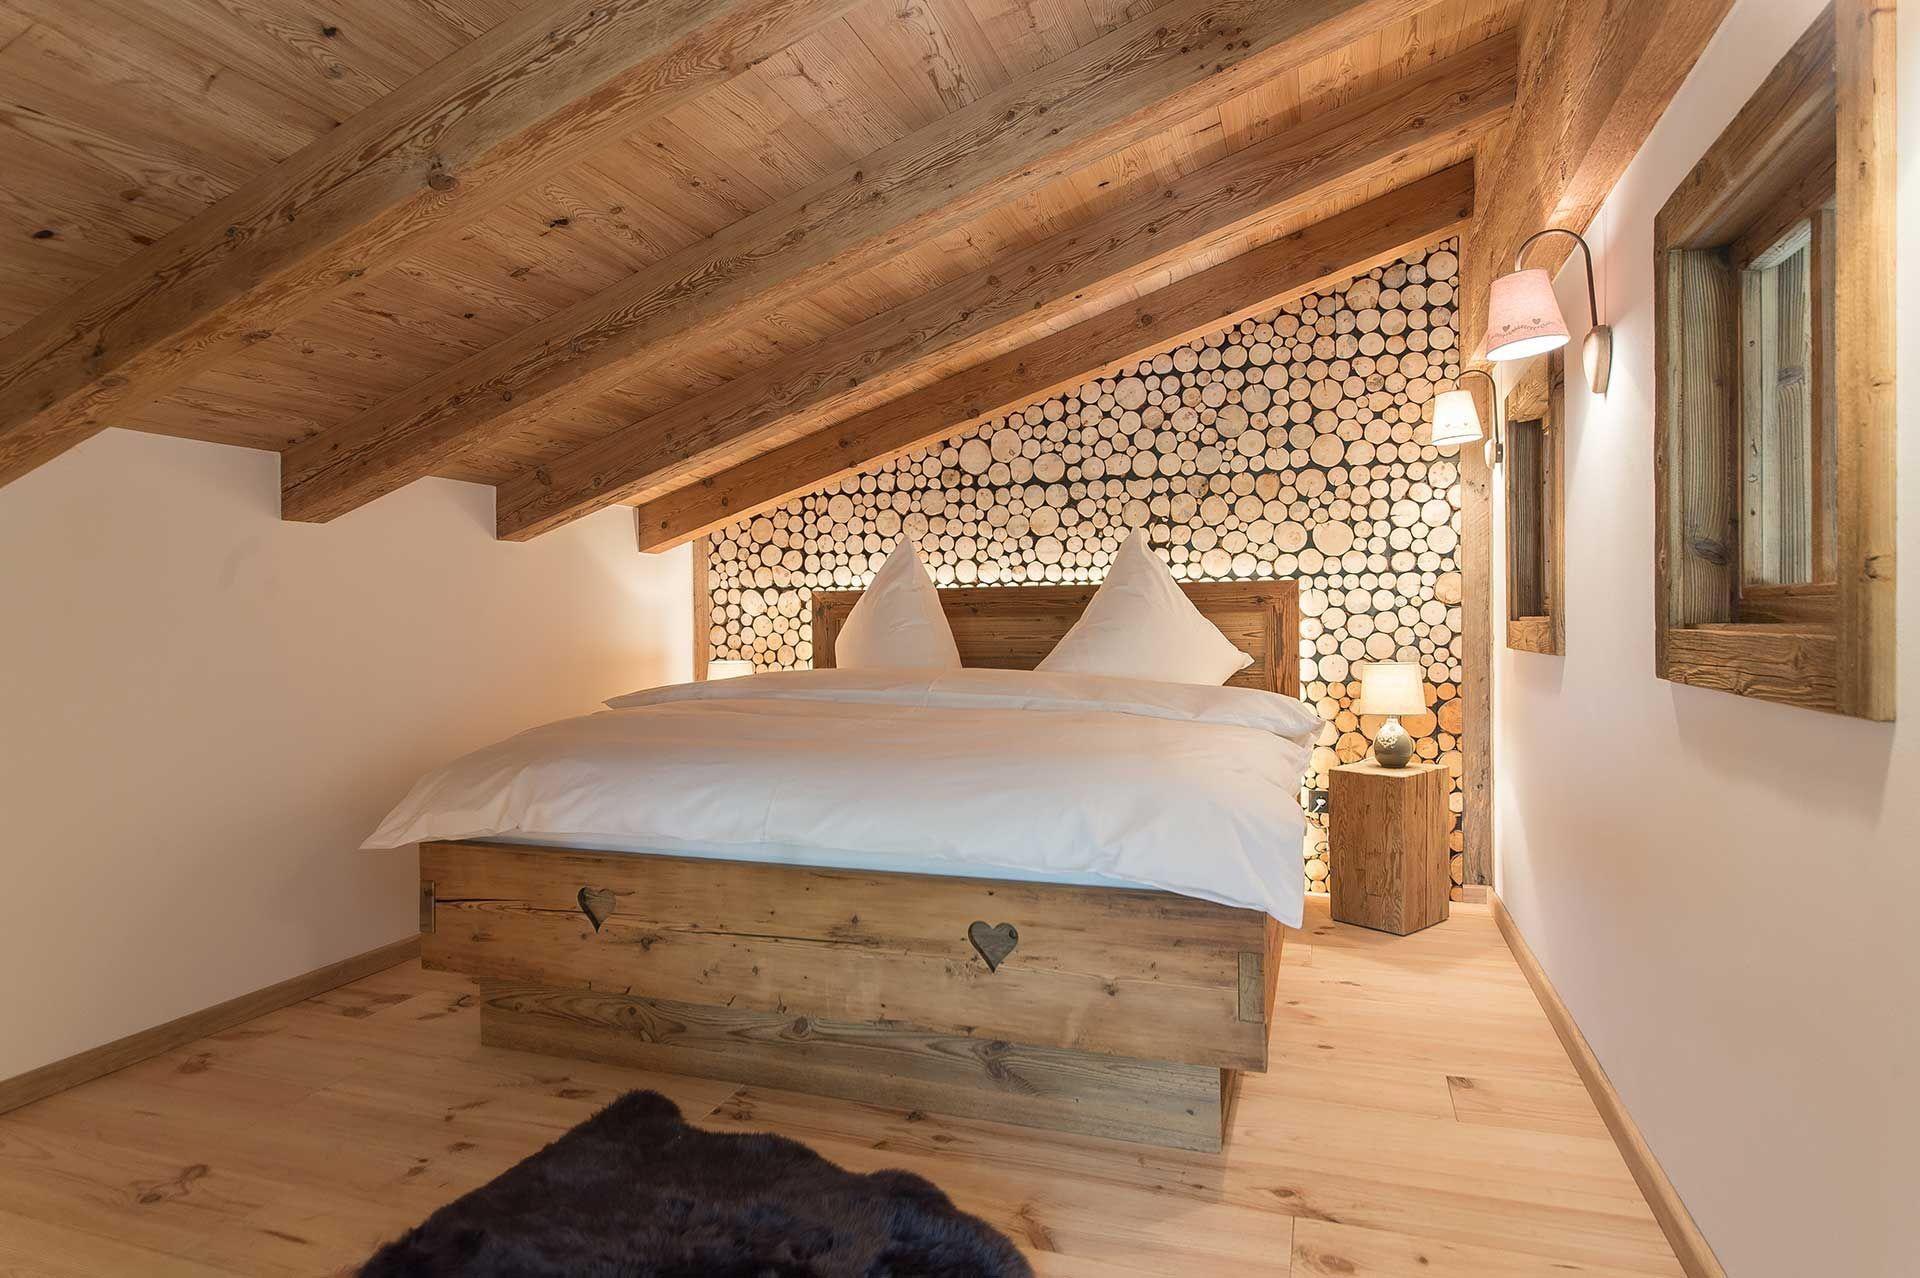 Das Chalet Tirolia Verbindet Gekonnt Die Natürliche Ausstrahlung Der  Eifellandschaft Mit Einer Alpinen Luxusausstattung Der Extraklasse    Entspannung Pur.